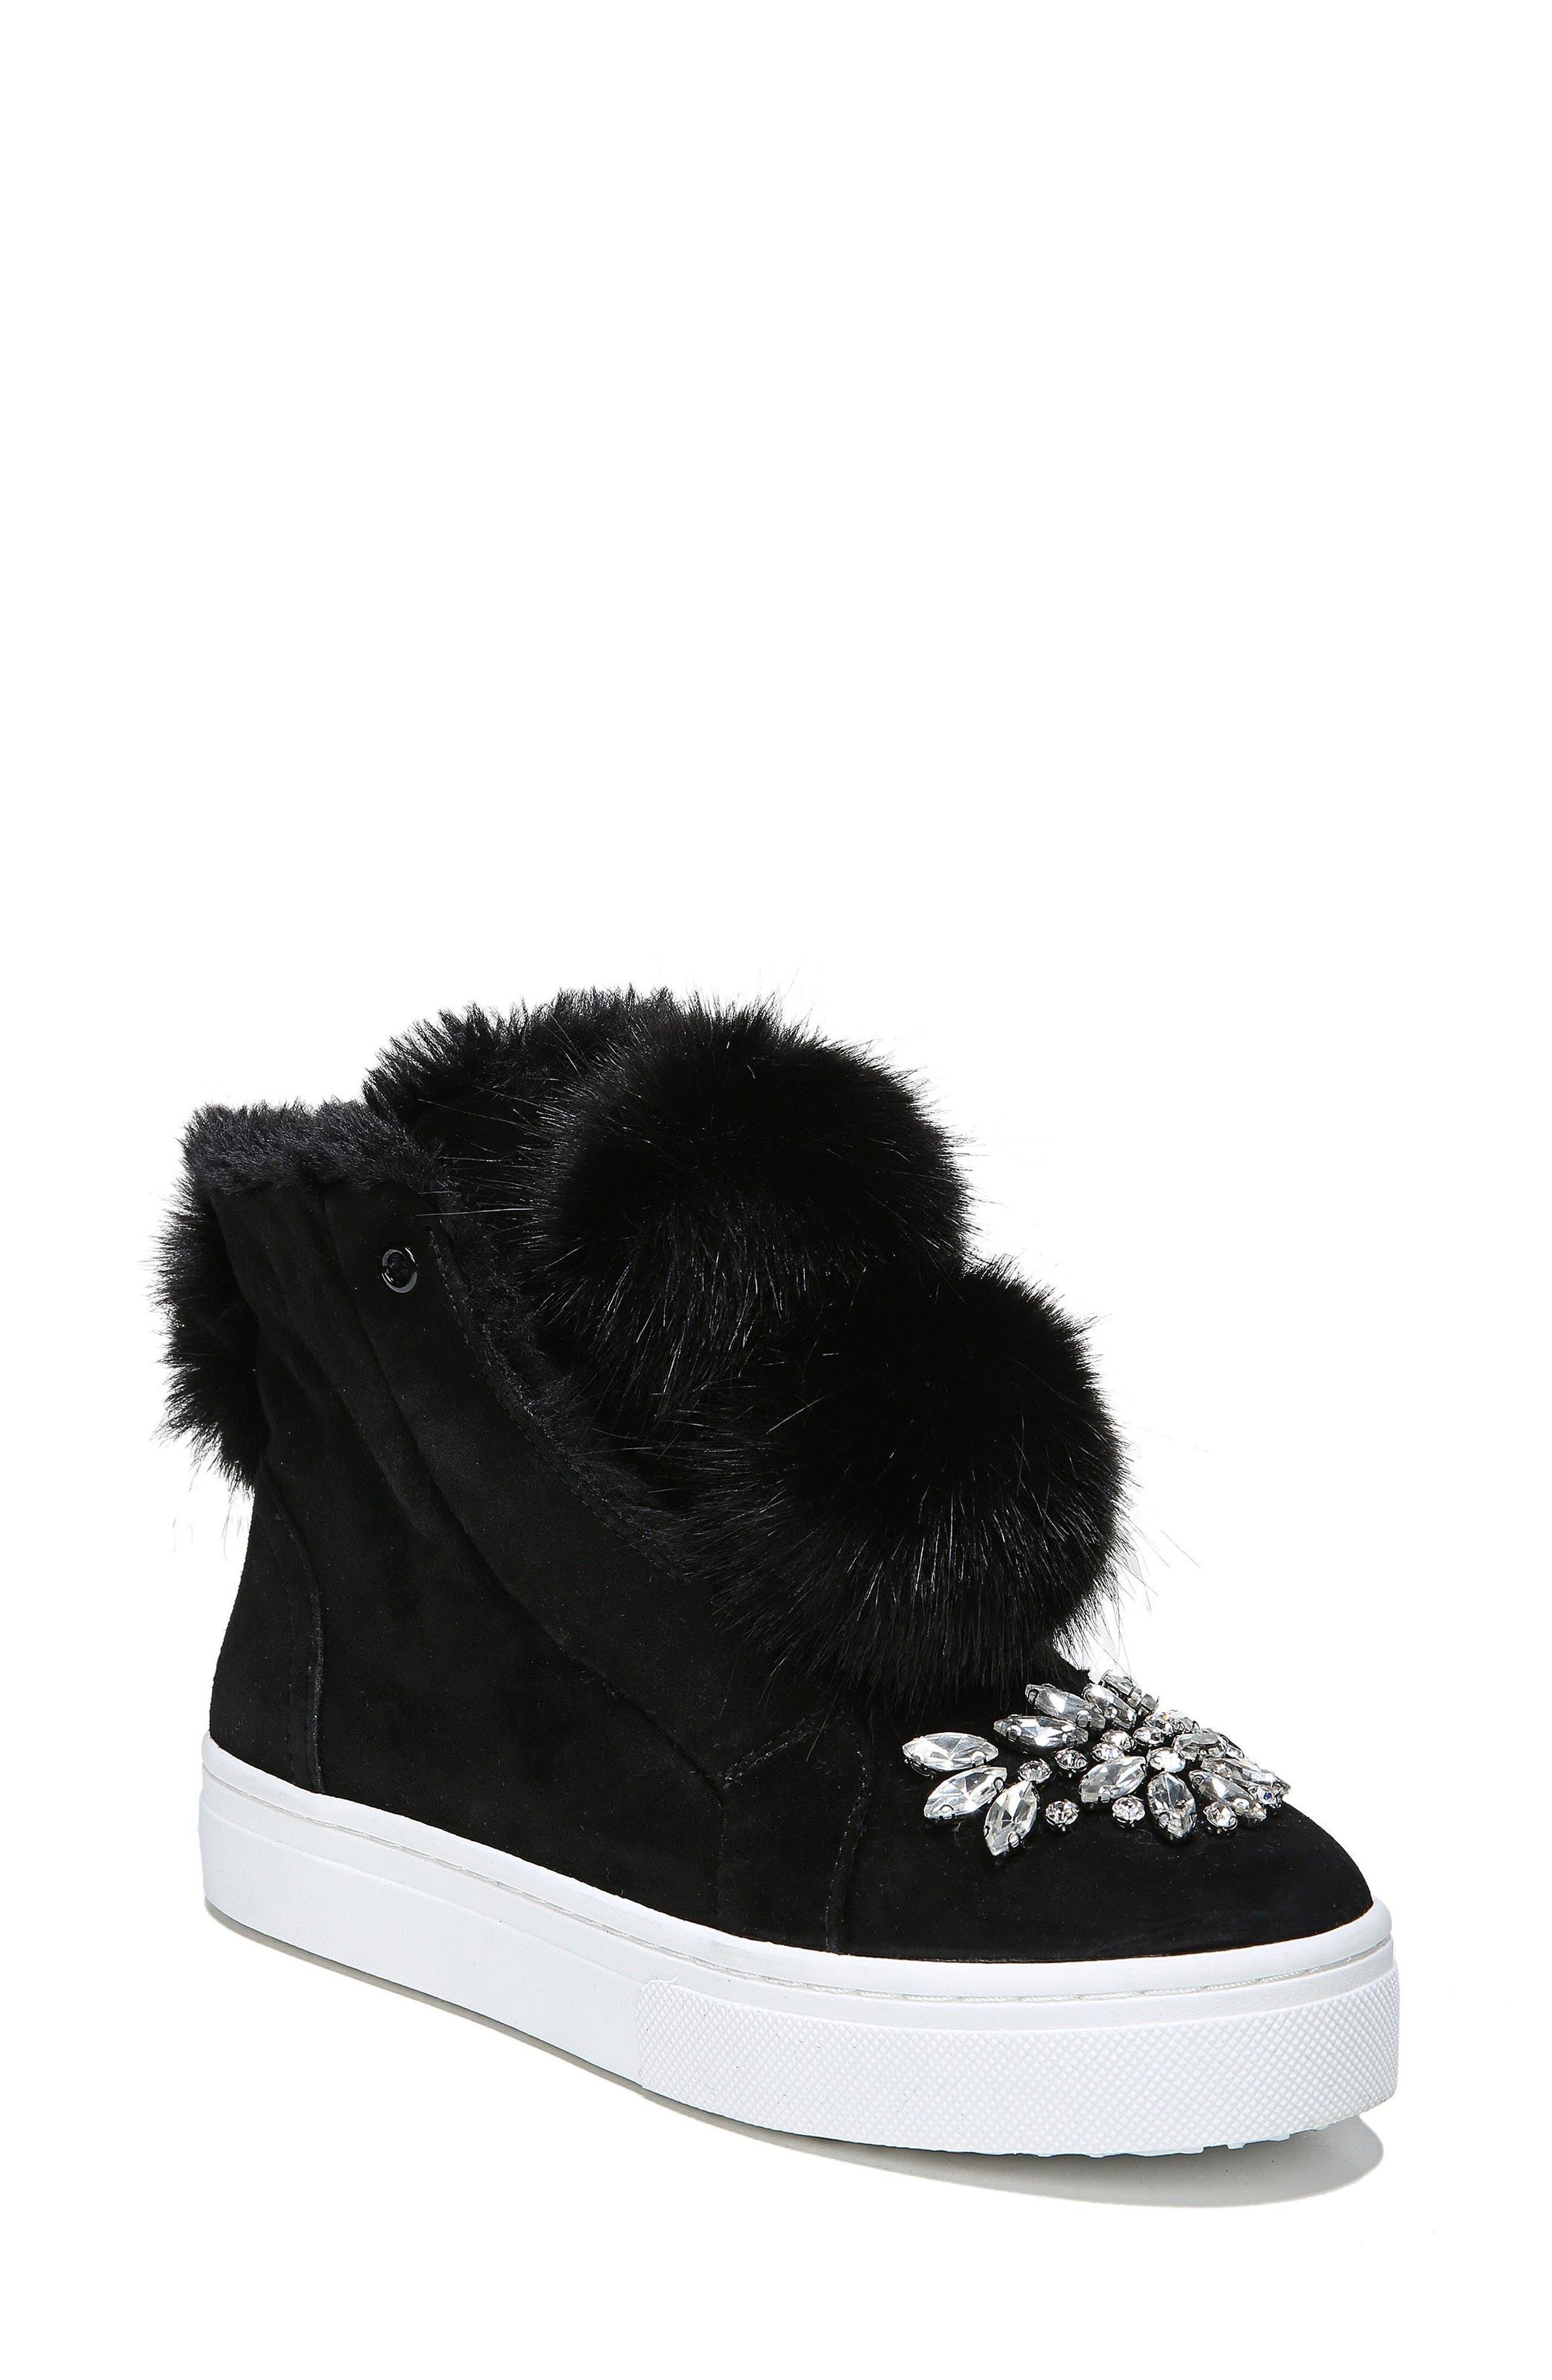 Leland Faux Fur Sneaker,                         Main,                         color, Black Suede